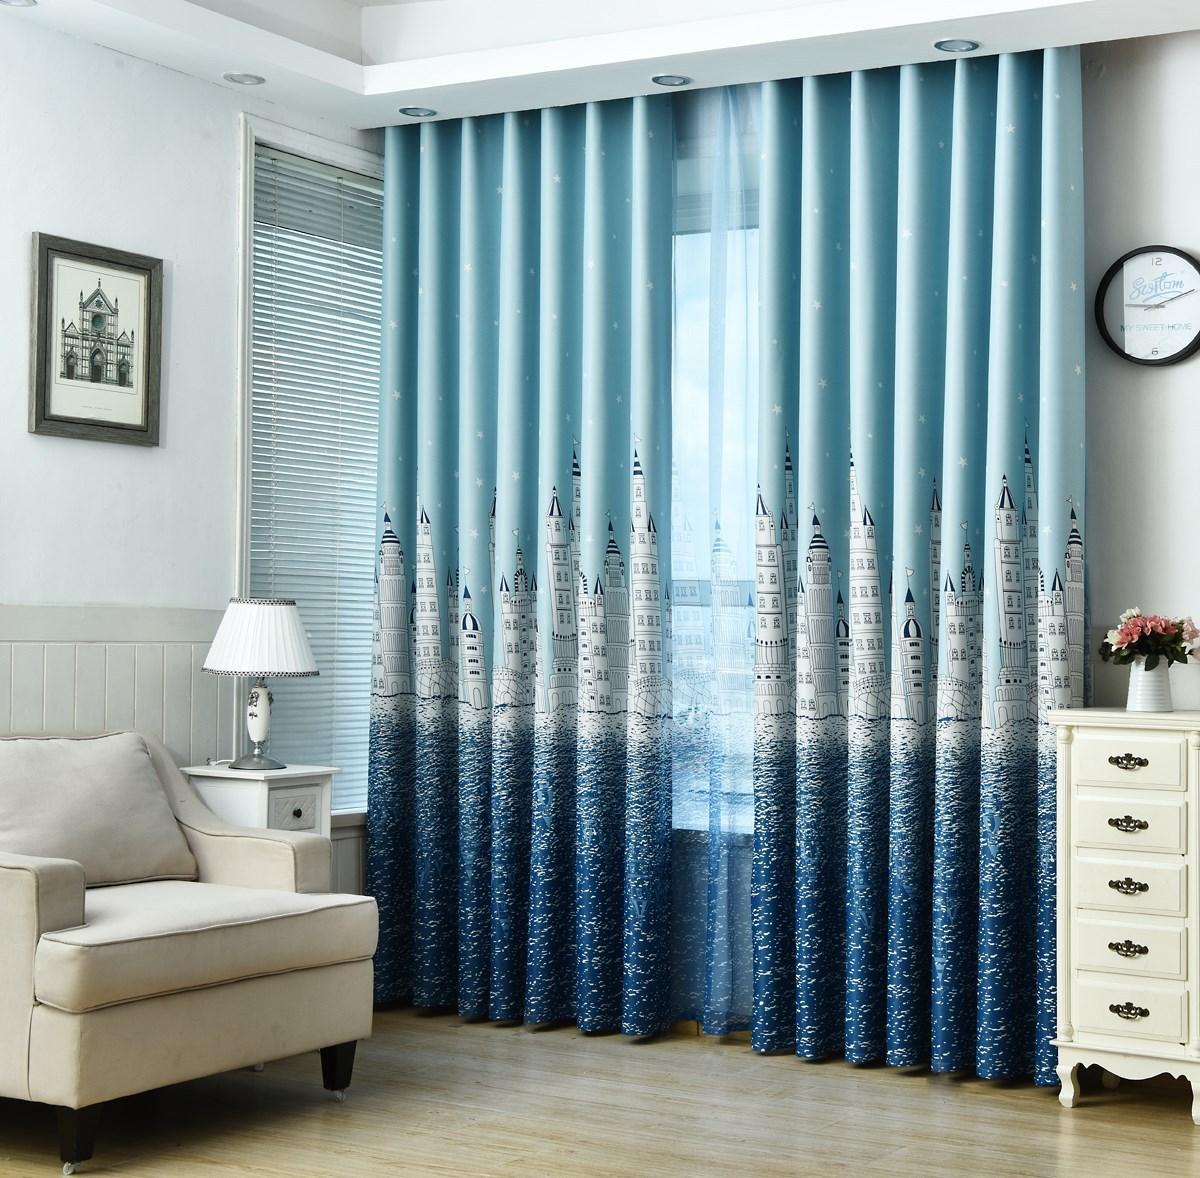 ROUMAO Vải rèm cửa Lâu đài nước Địa Trung Hải in rèm dày thành rèm vải phòng ngủ phòng khách học trẻ